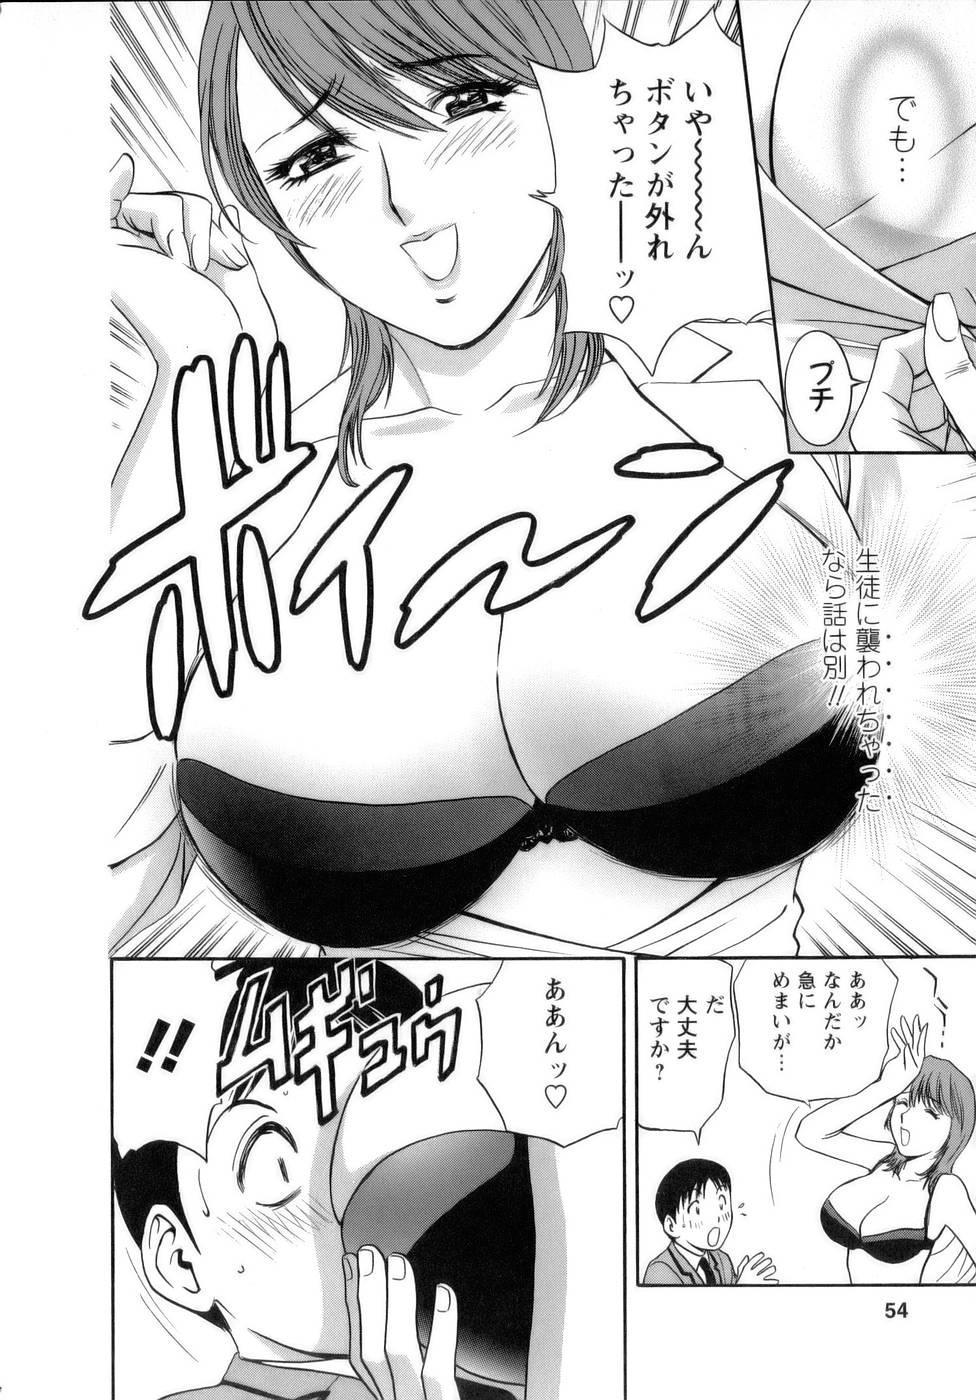 [Hidemaru] Mo-Retsu! Boin Sensei (Boing Boing Teacher) Vol.1 54